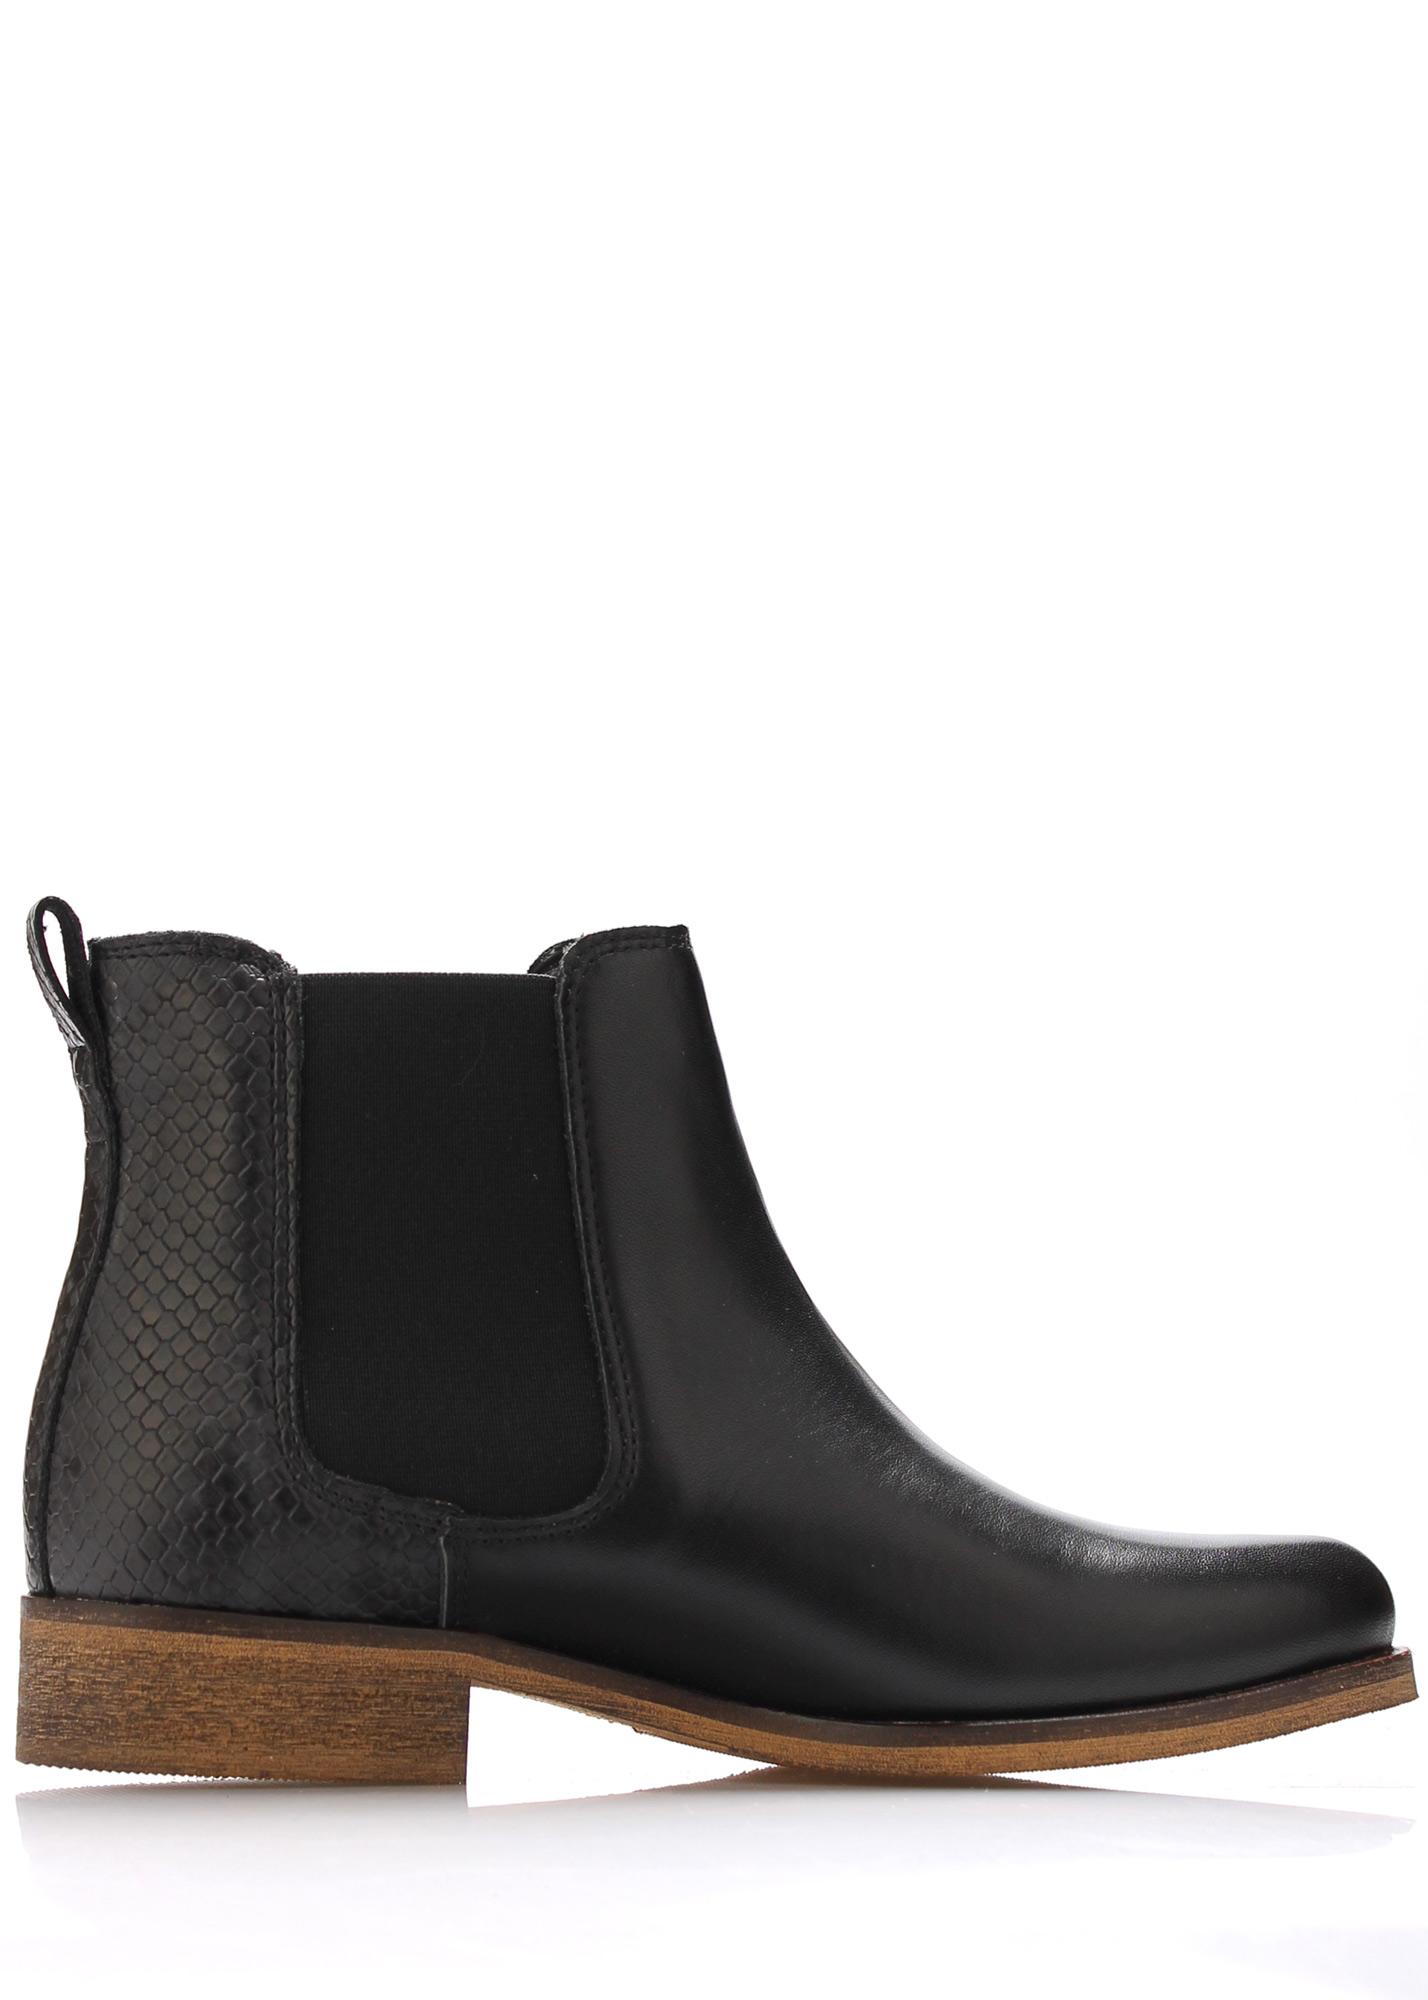 Černé kožené boty pérka Online Shoes Velikost: 38